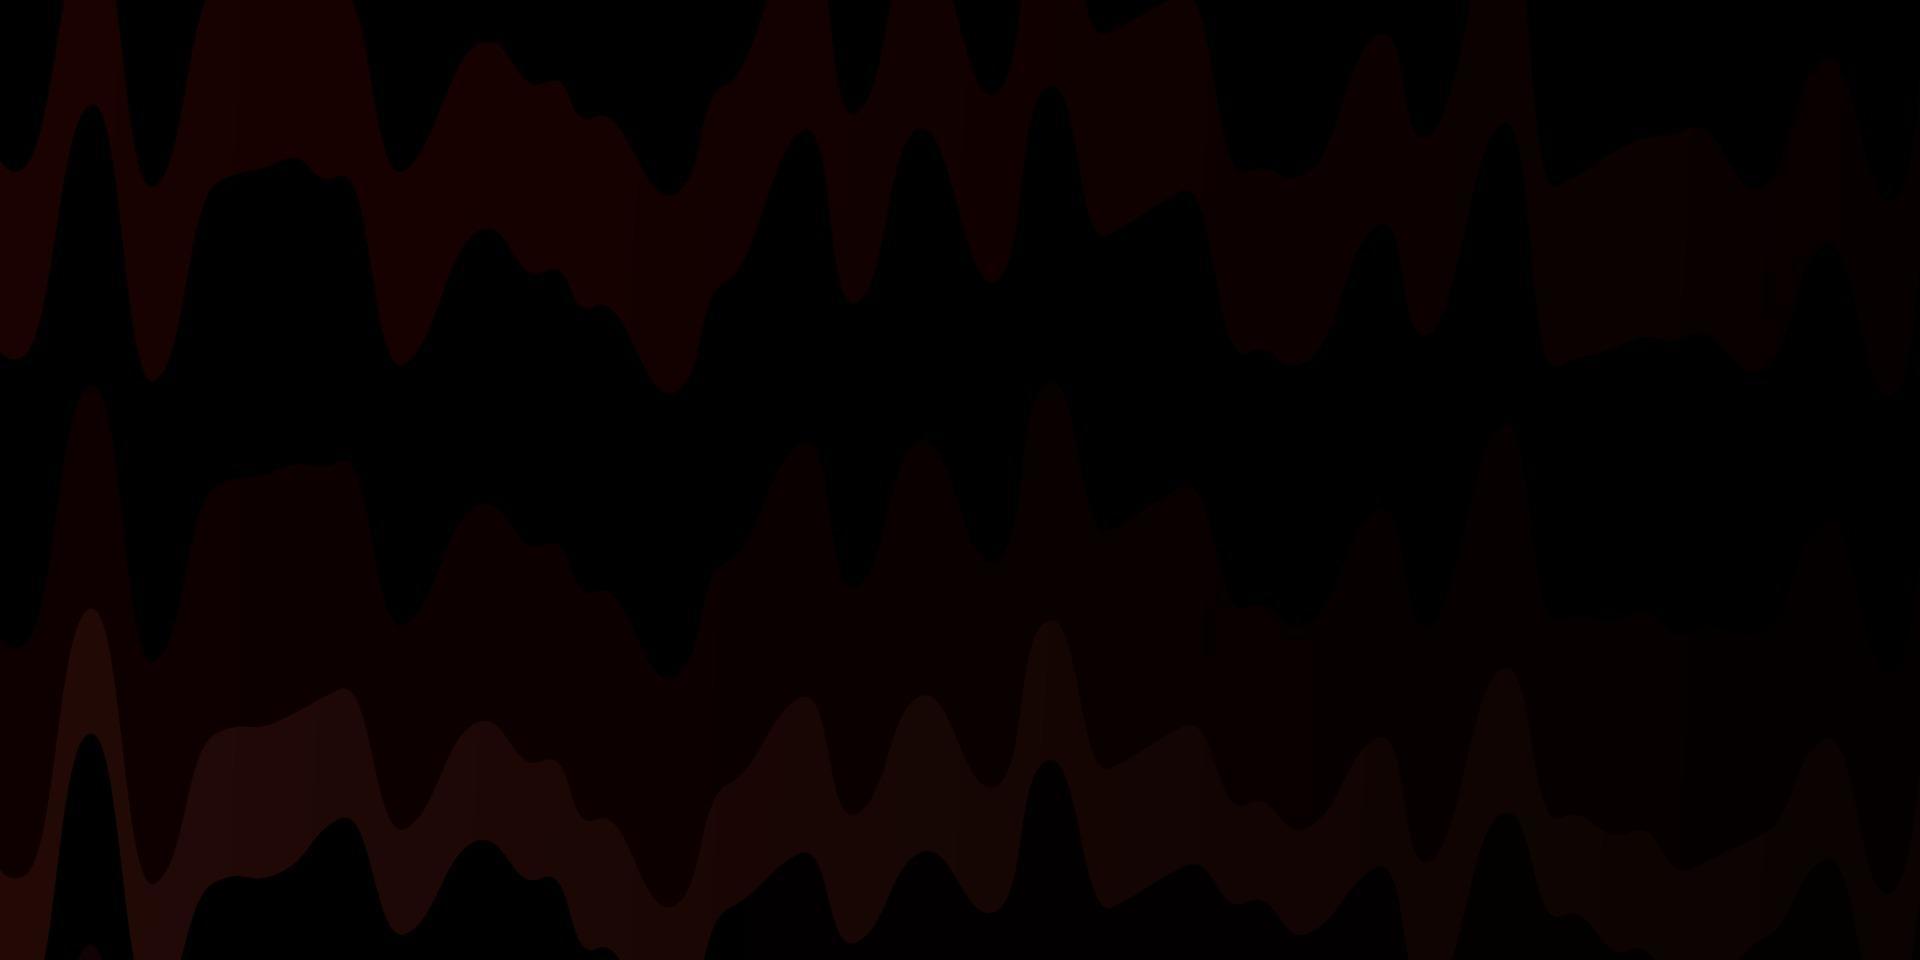 mörkrosa, röd vektorbakgrund med sneda linjer. vektor